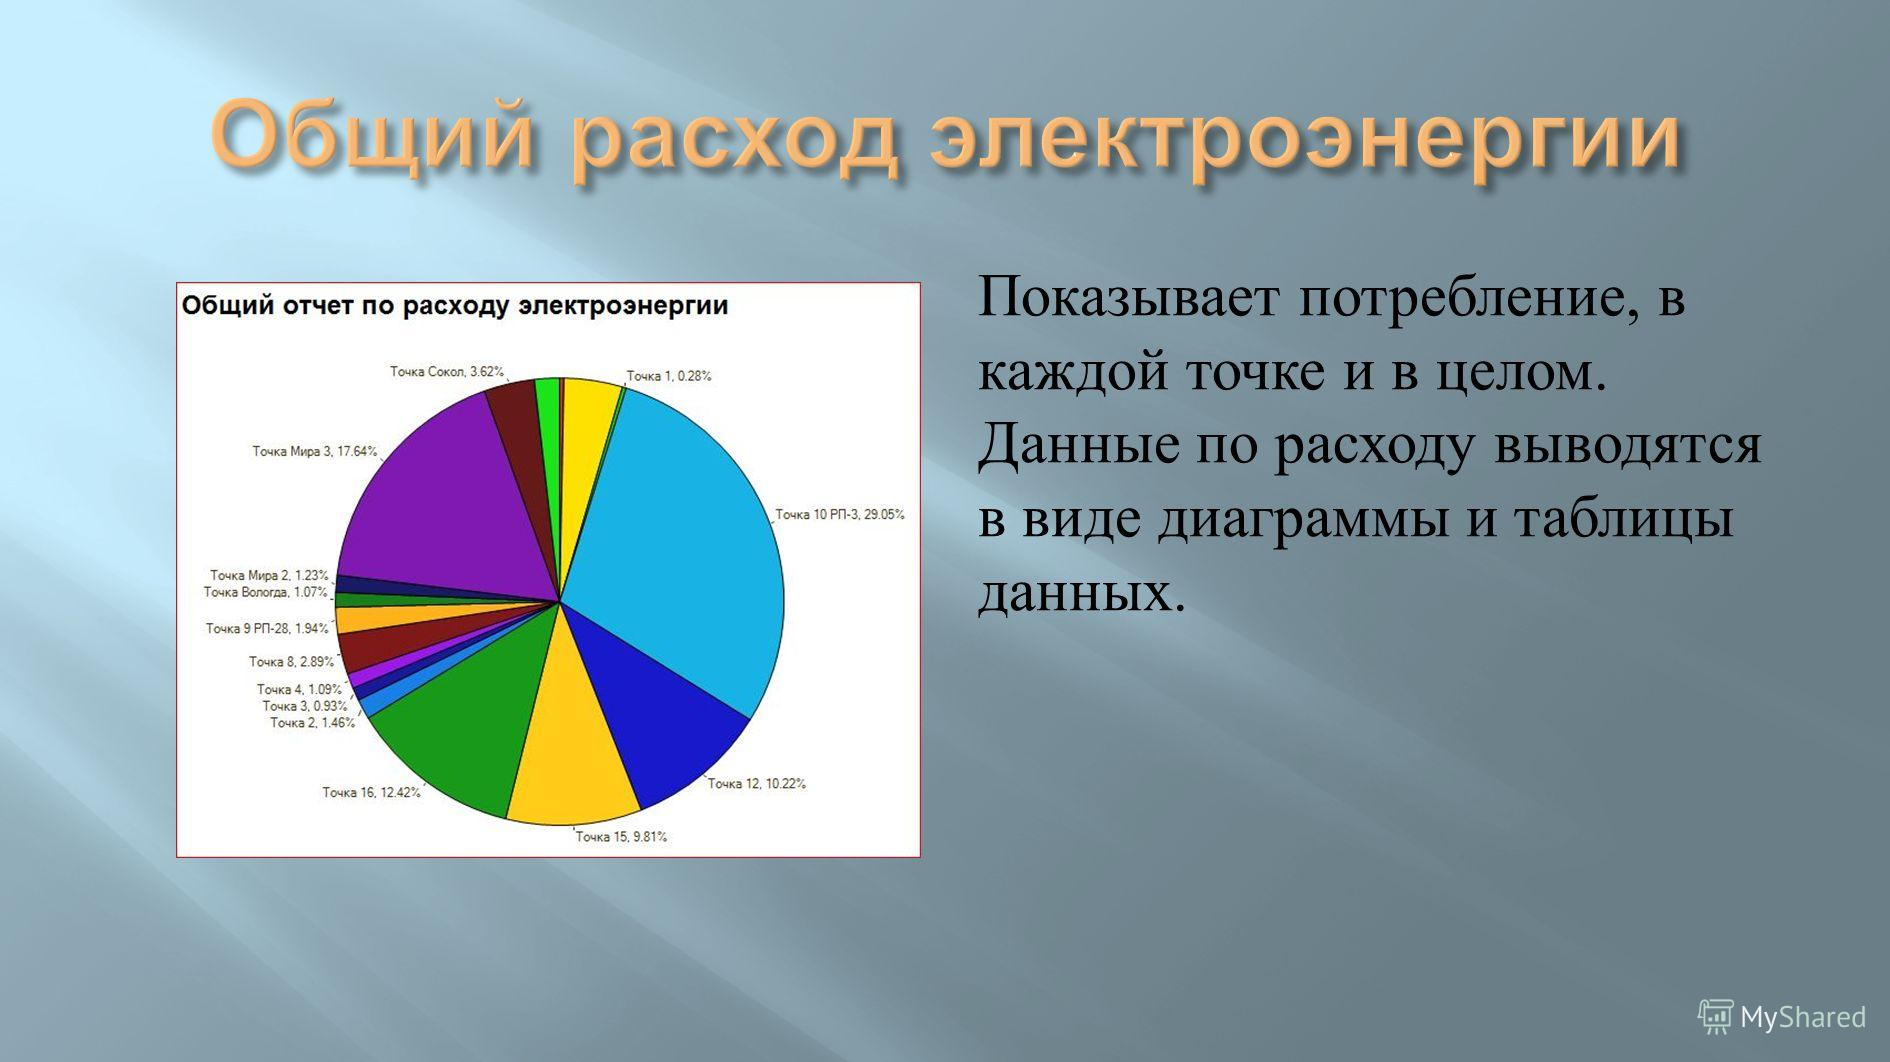 Показывает потребление, в каждой точке и в целом. Данные по расходу выводятся в виде диаграммы и таблицы данных.